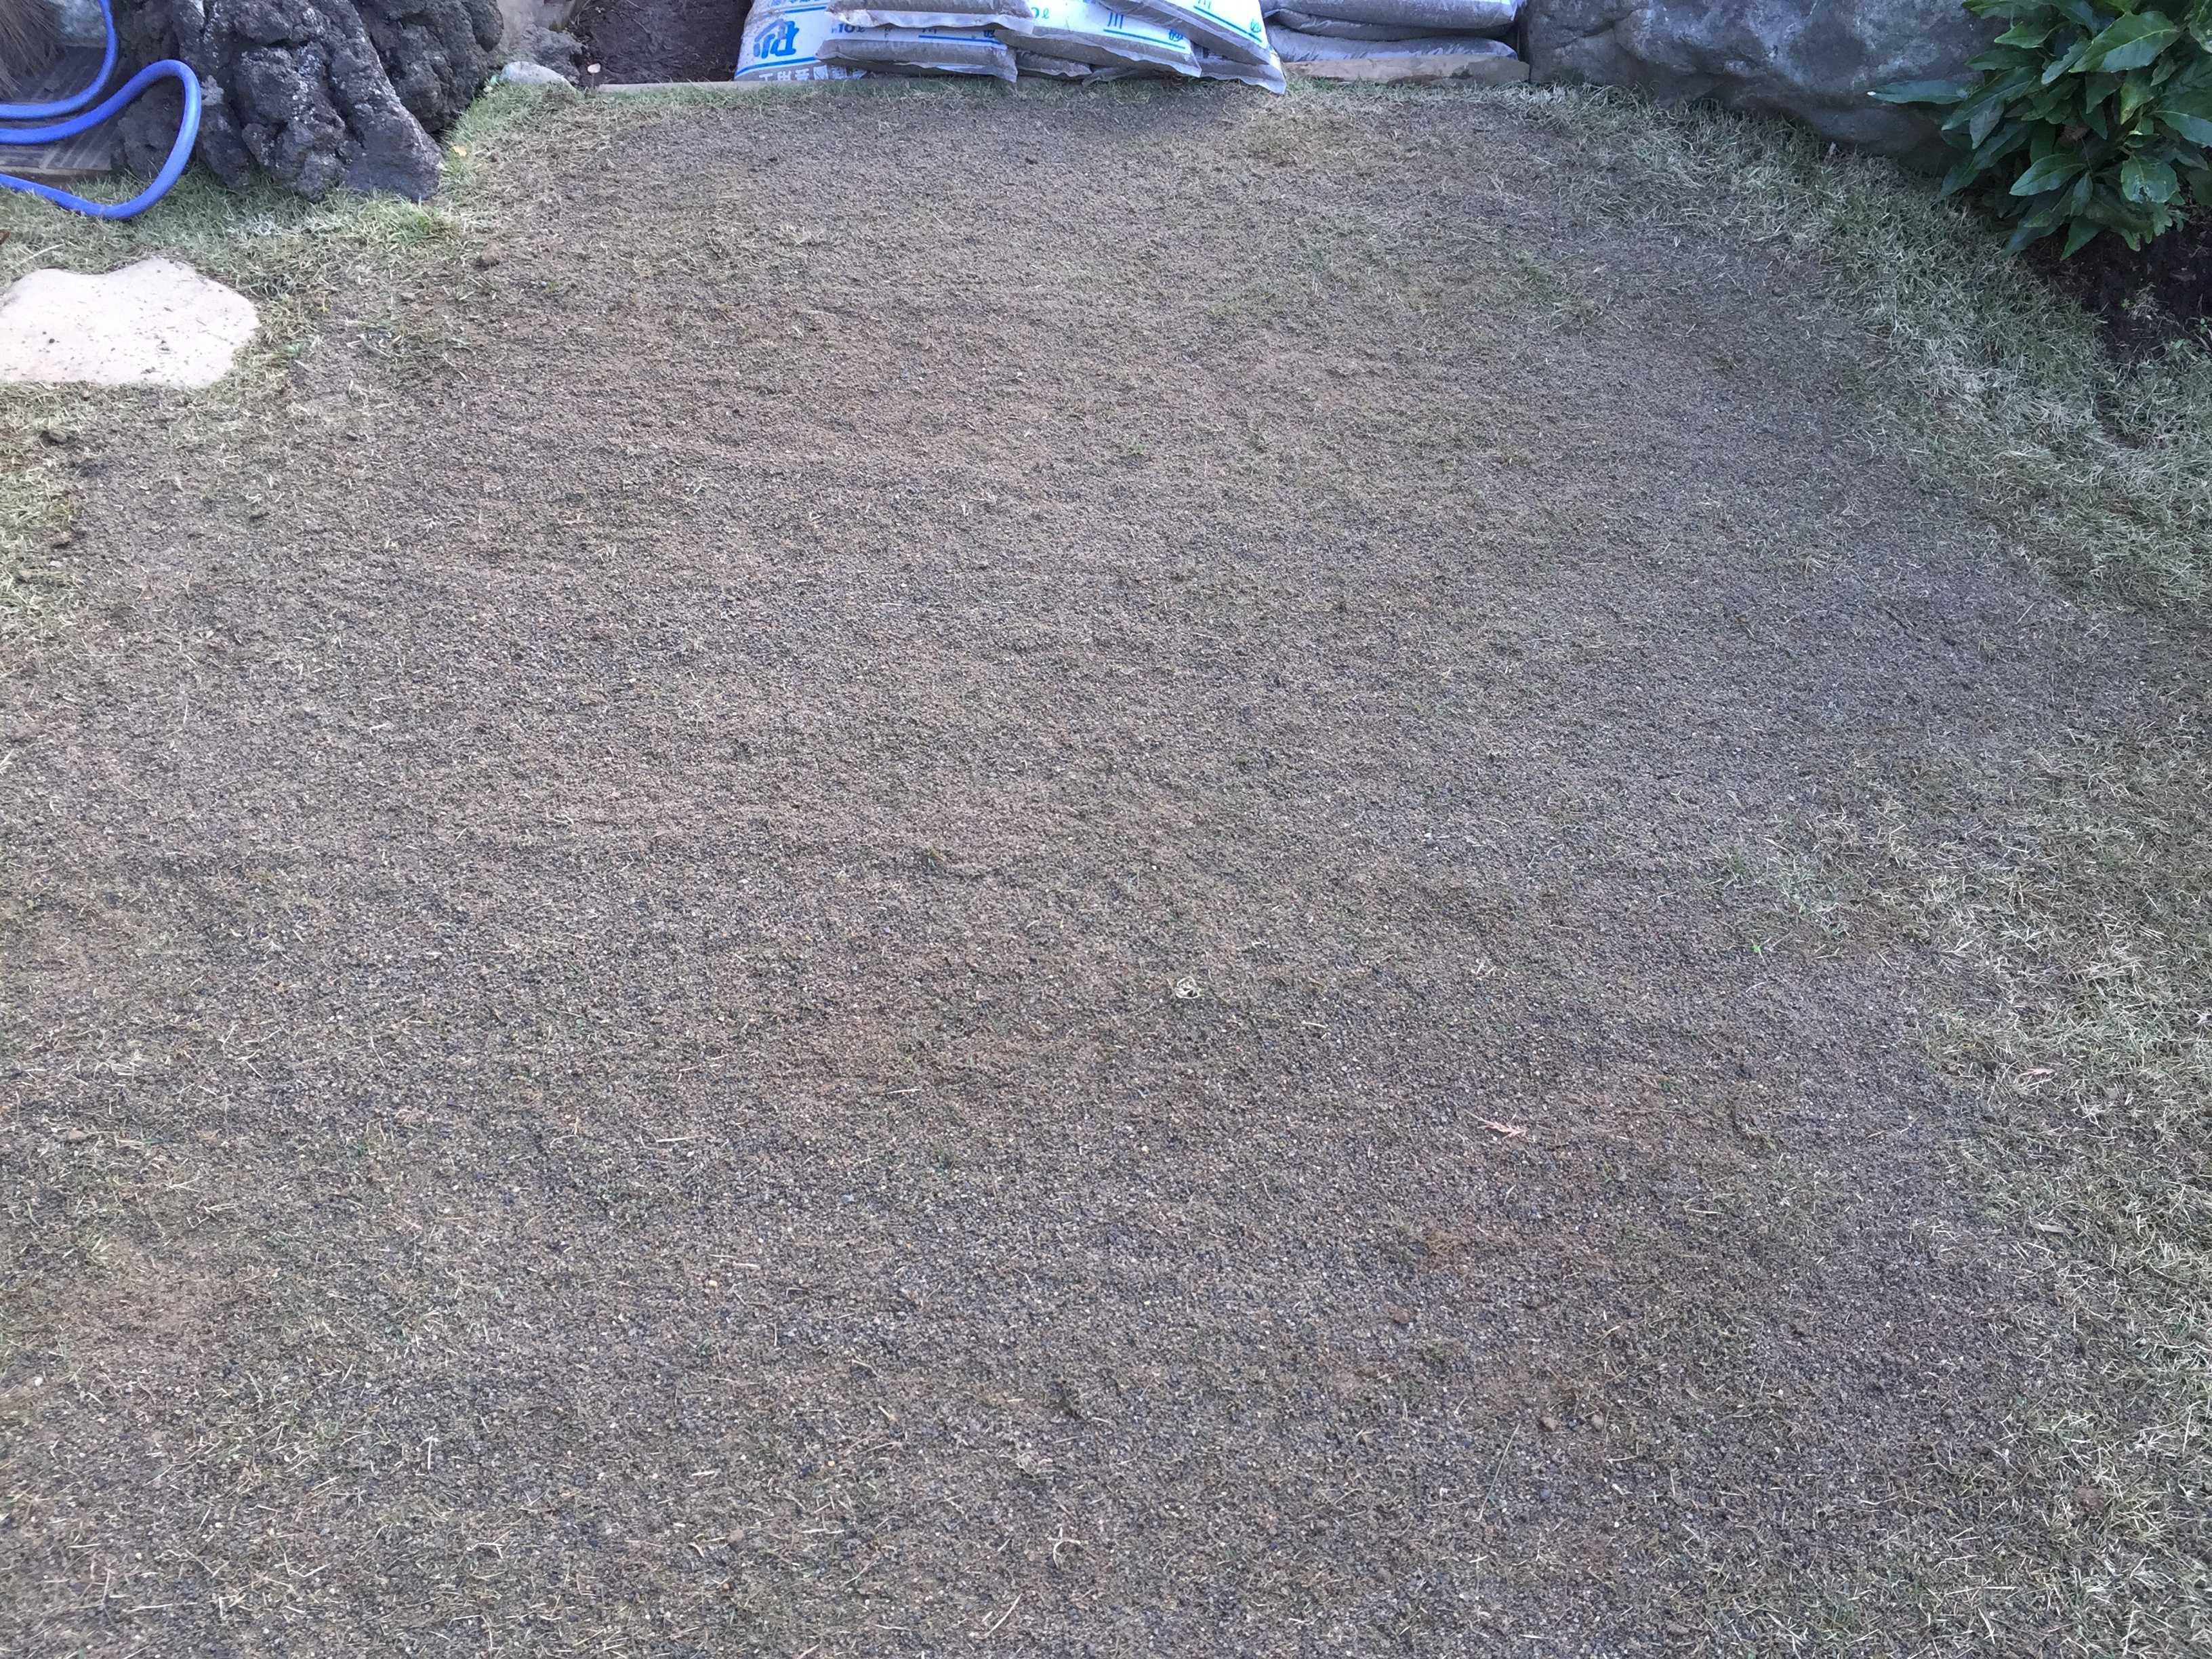 エアレーション&目砂(川砂)入れ&施肥を行った芝生 TM9(ティーエムナイン)